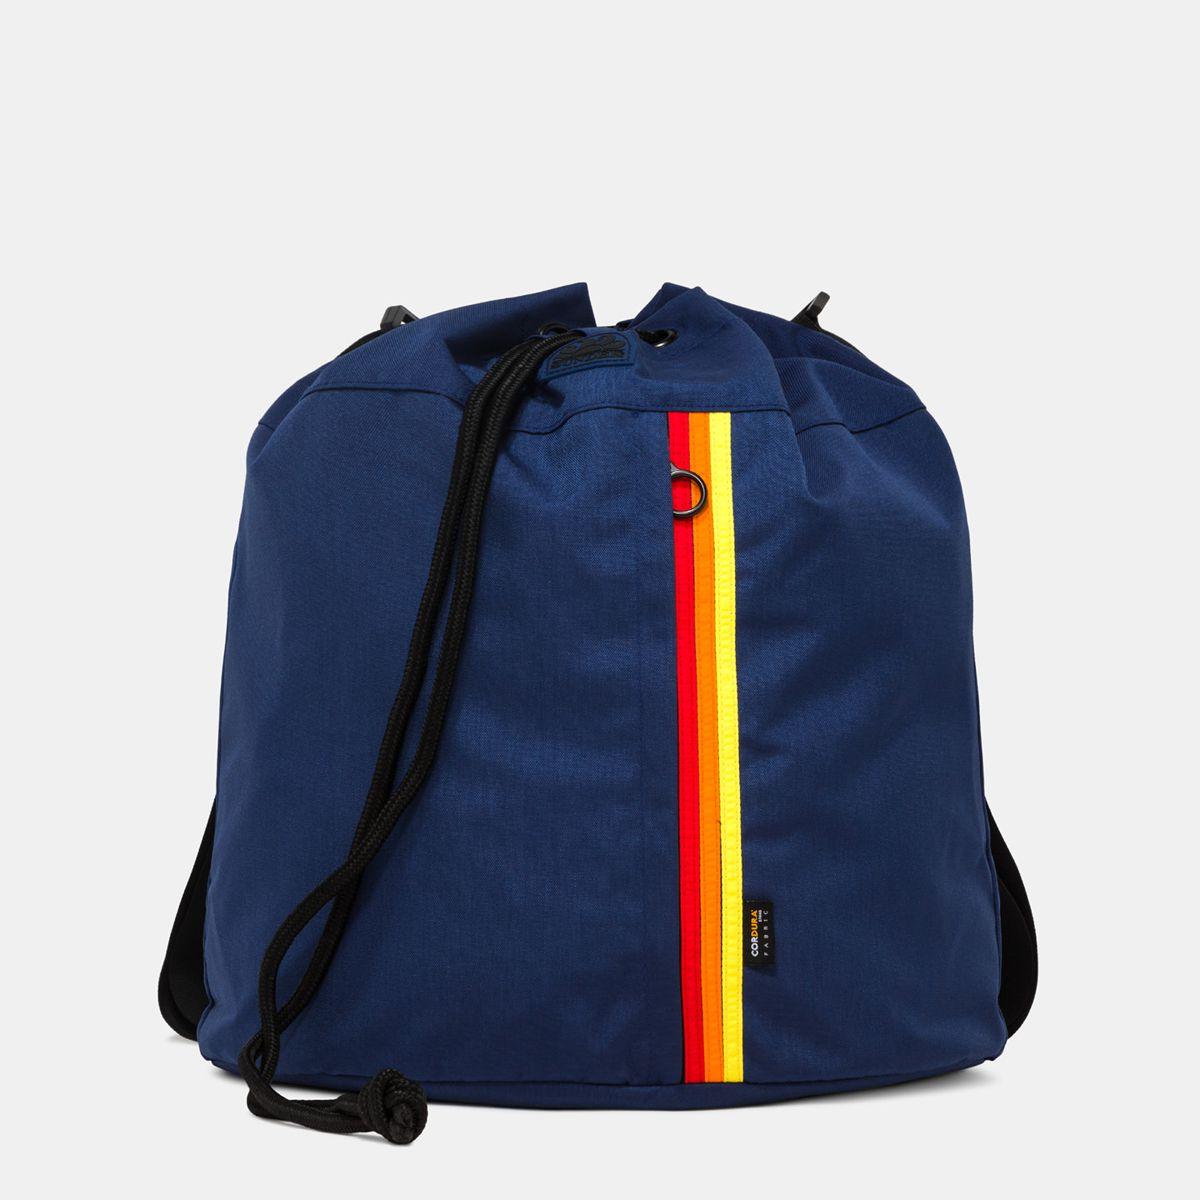 Cordura bag backpack Navy Sundek